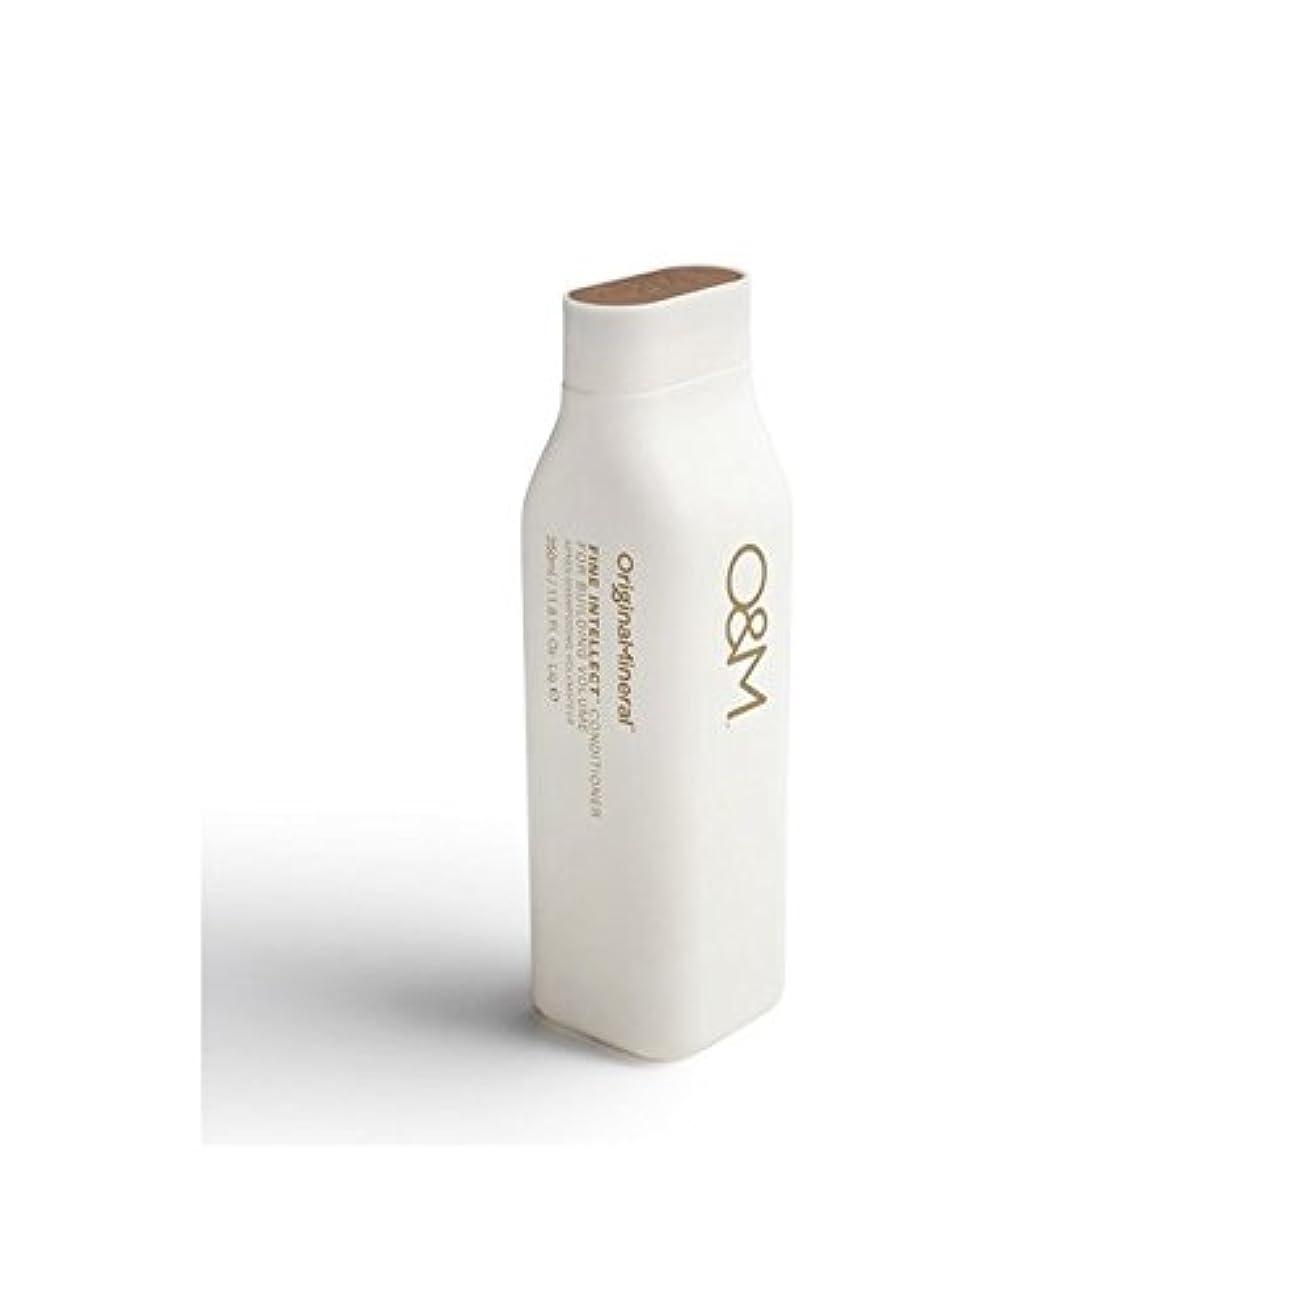 しばしば避難ジョージスティーブンソンオリジナル&ミネラル細かい知性コンディショナー(350ミリリットル) x2 - Original & Mineral Fine Intellect Conditioner (350ml) (Pack of 2) [並行輸入品]